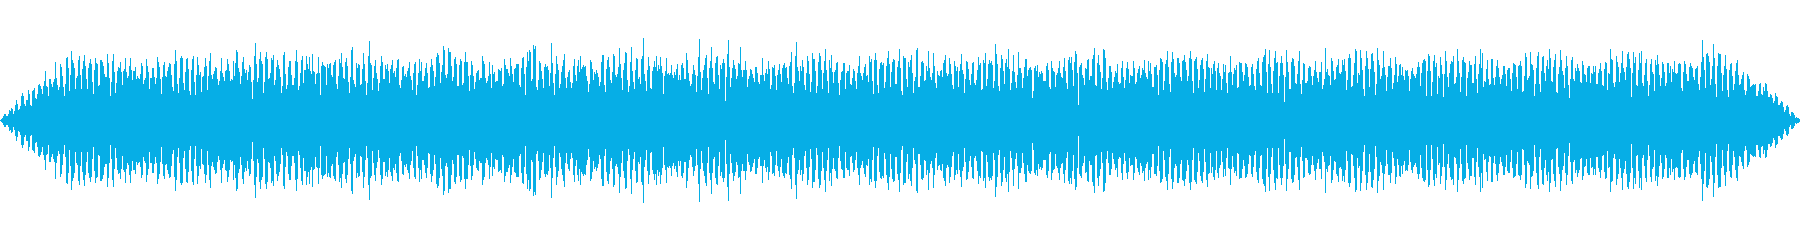 コンベアベルト(工場機)の再生済みの波形